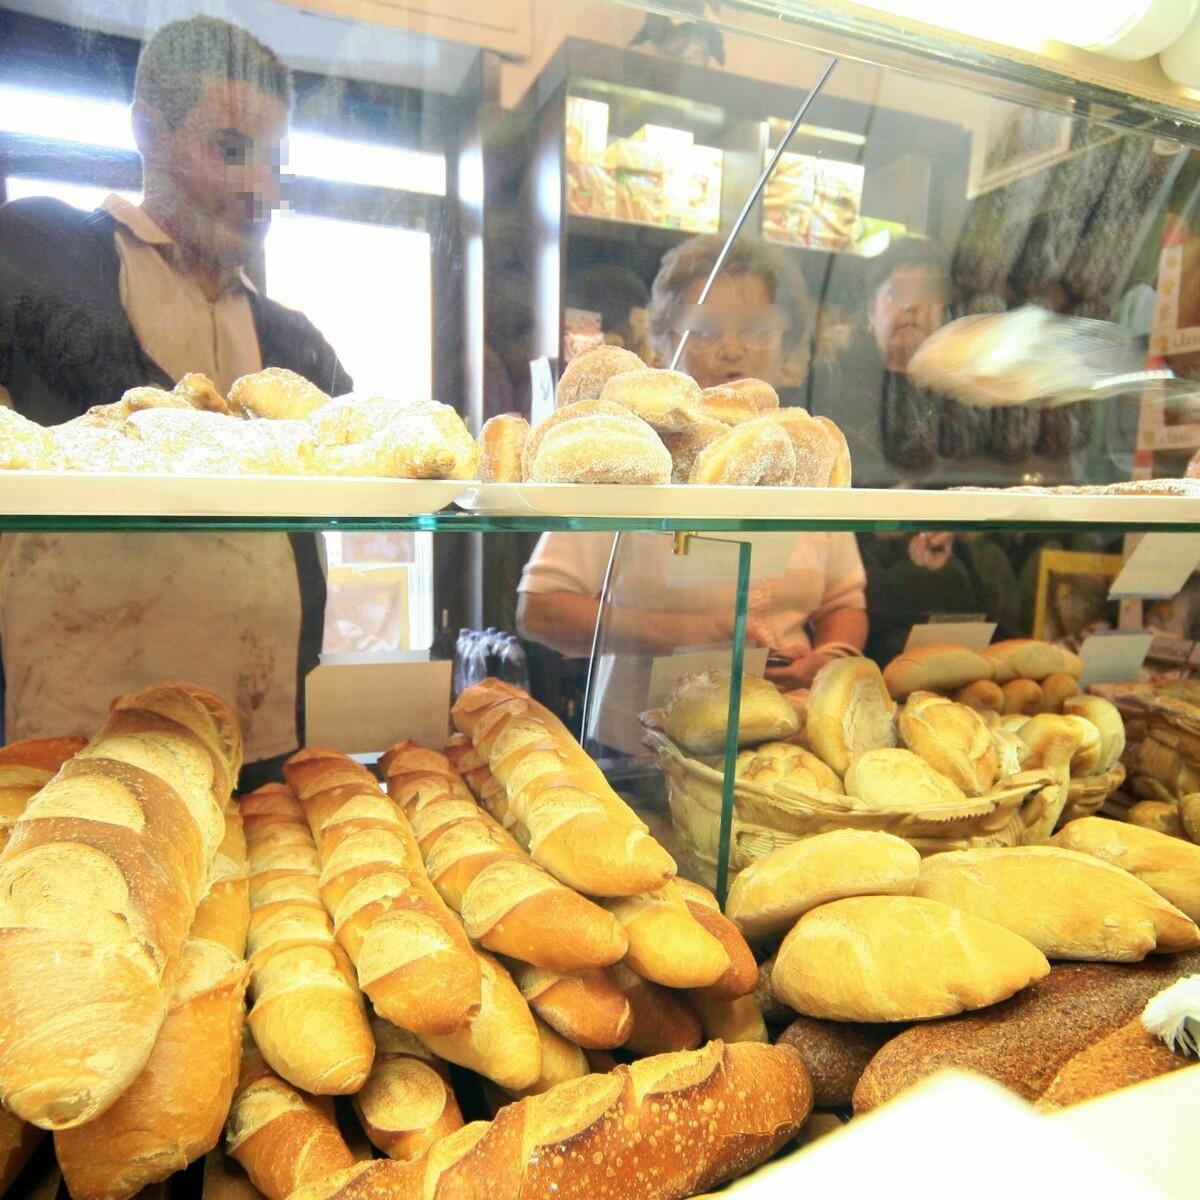 Perché aumenterà il prezzo di pane e pasta